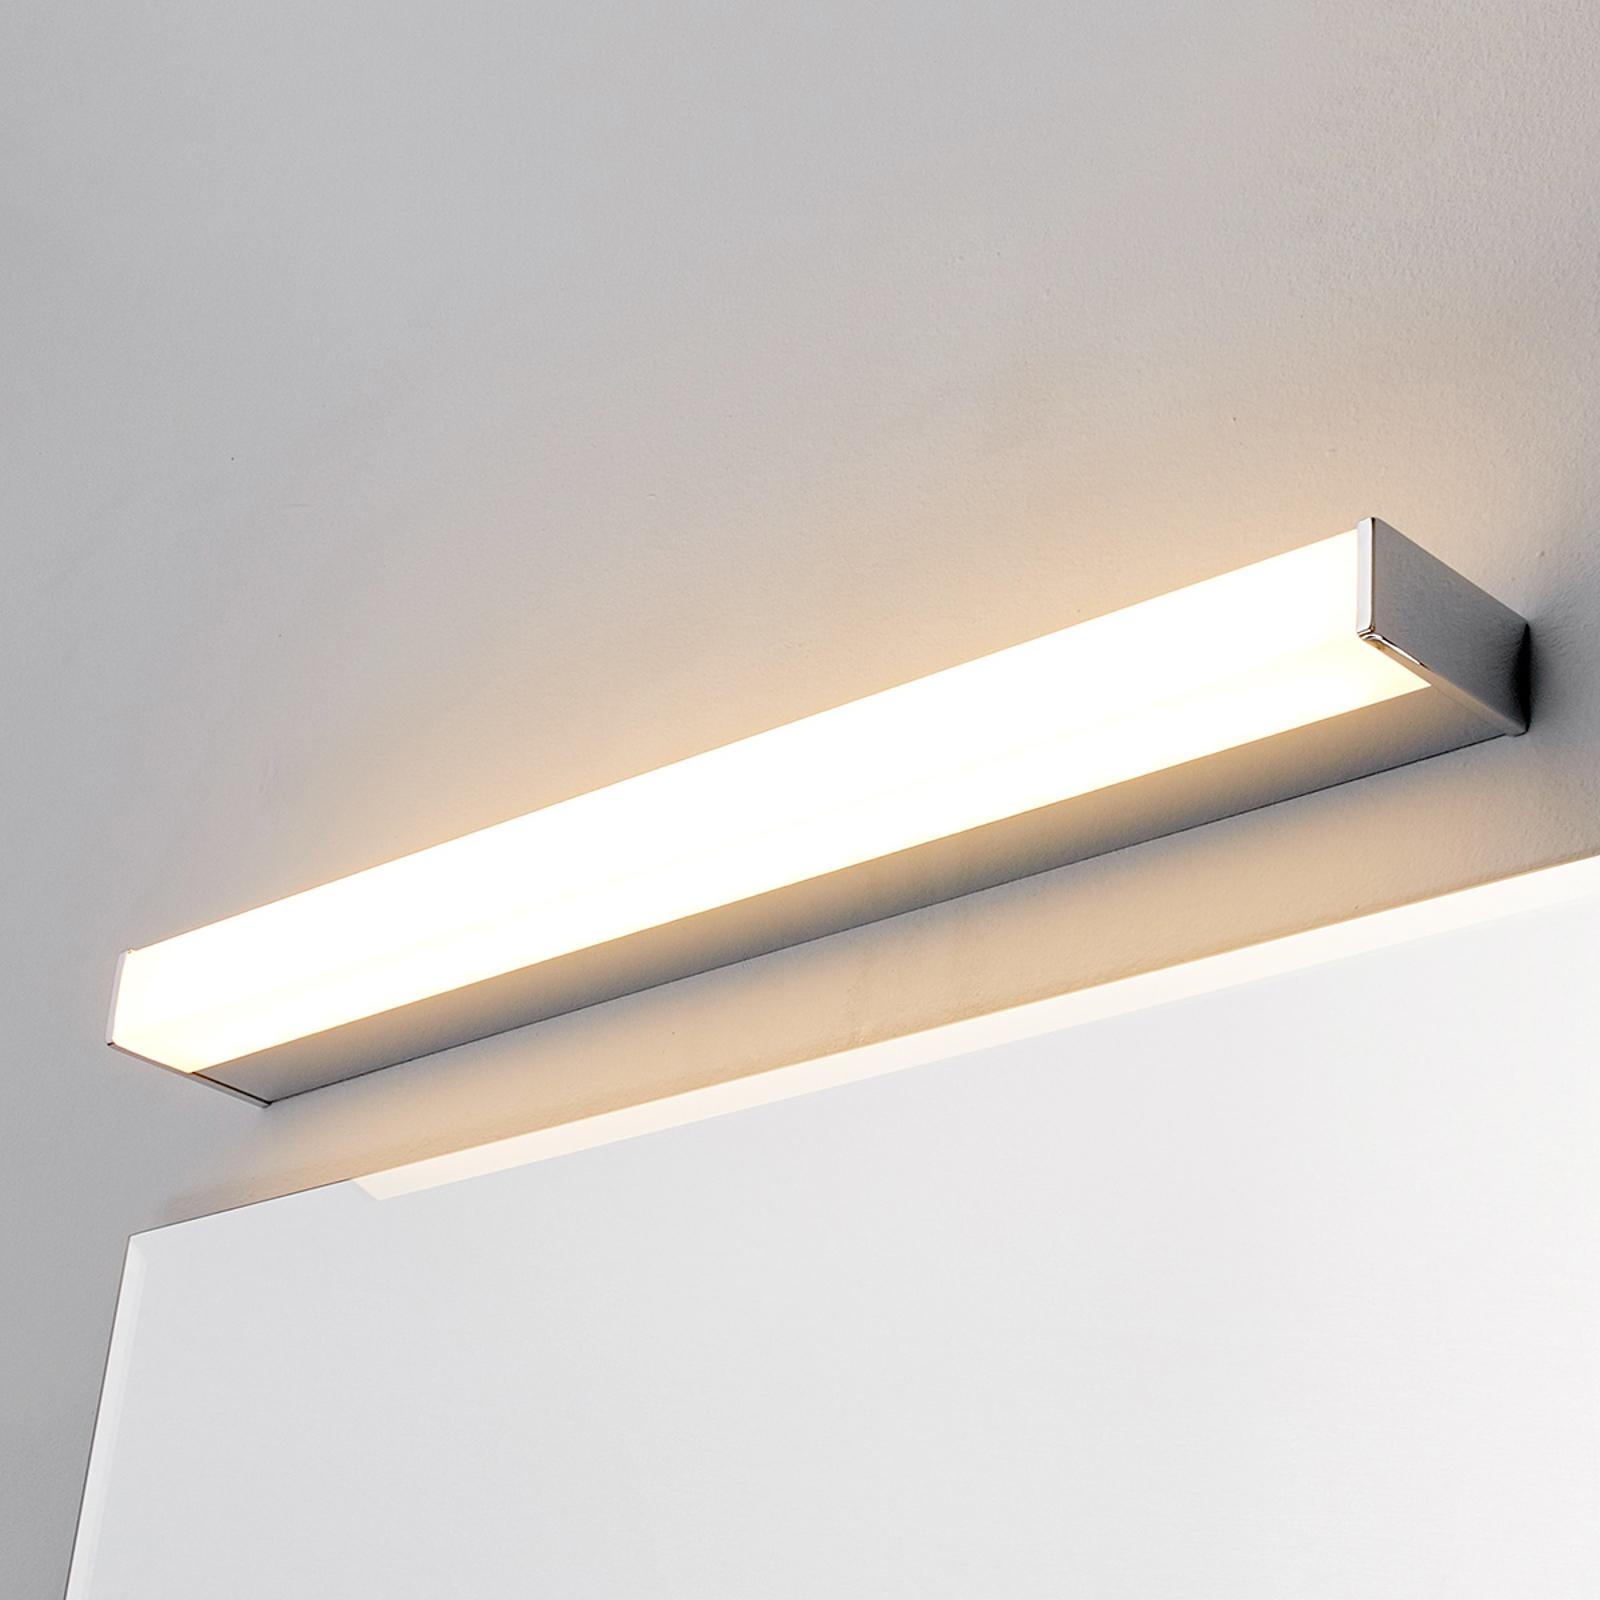 LED-Bad- und Spiegelleuchte Philippa eckig 58,8 cm